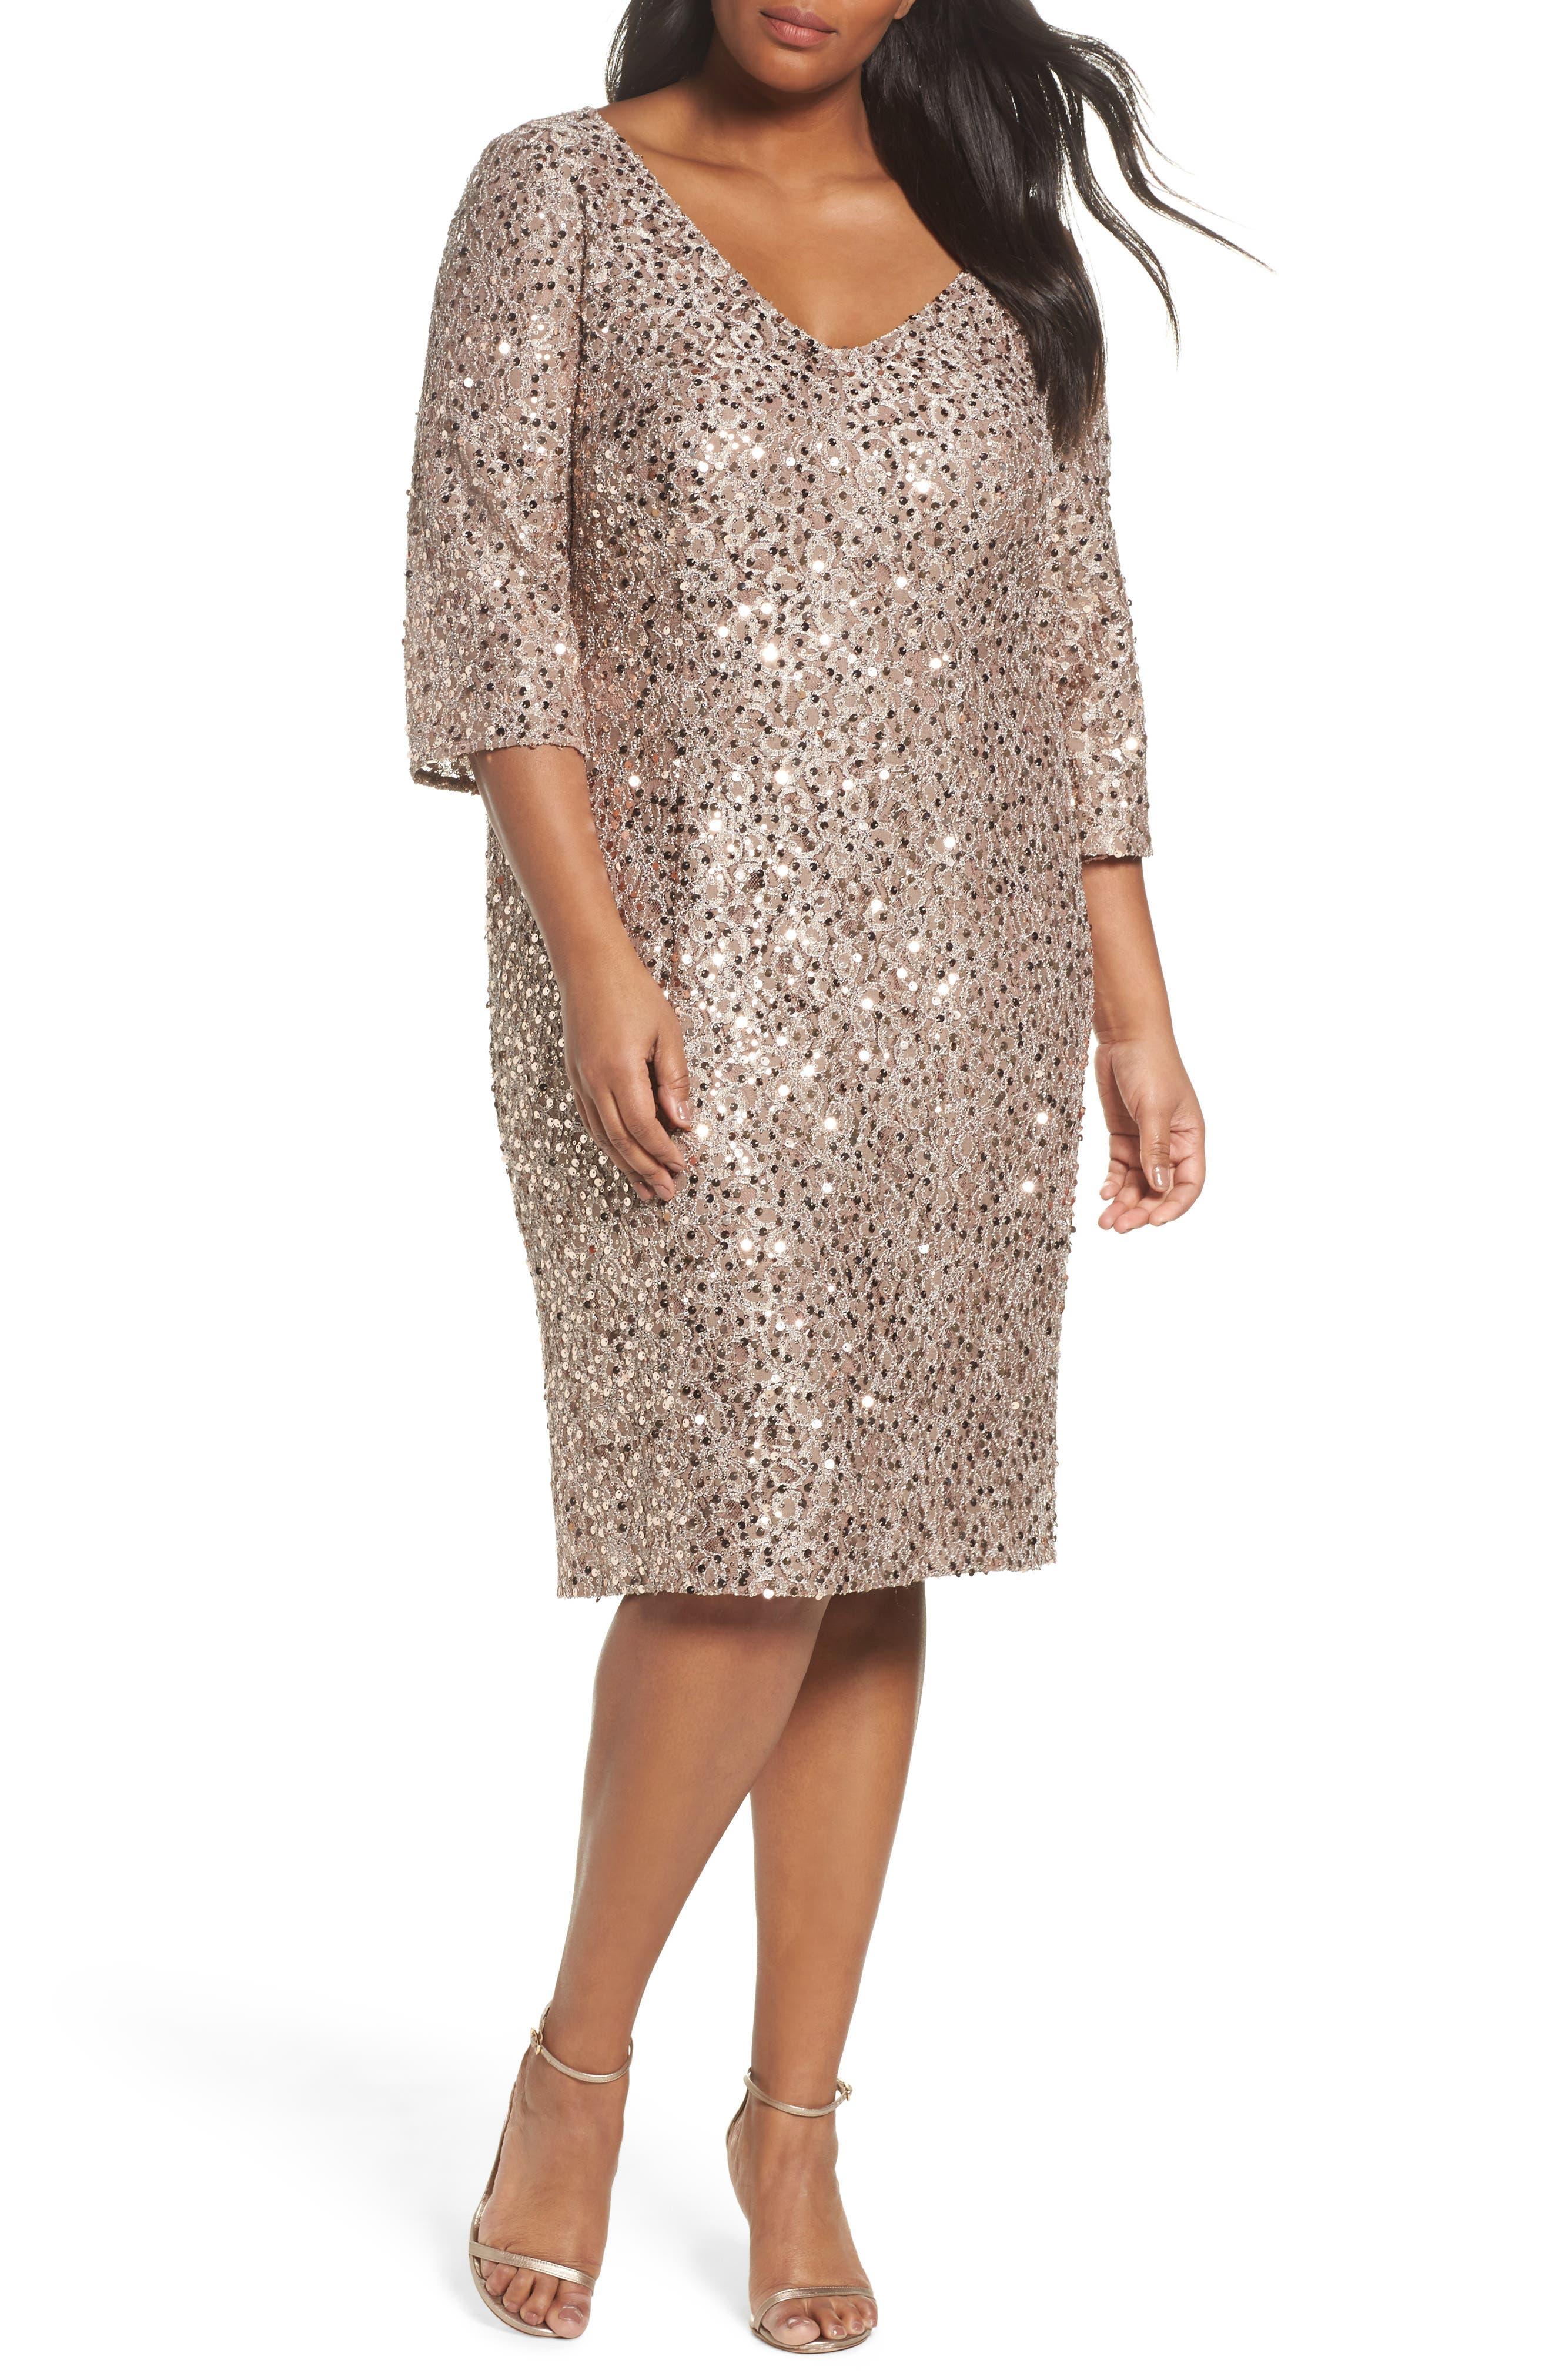 Main Image - Alex Evenings Sequin Shift Dress (Plus Size)